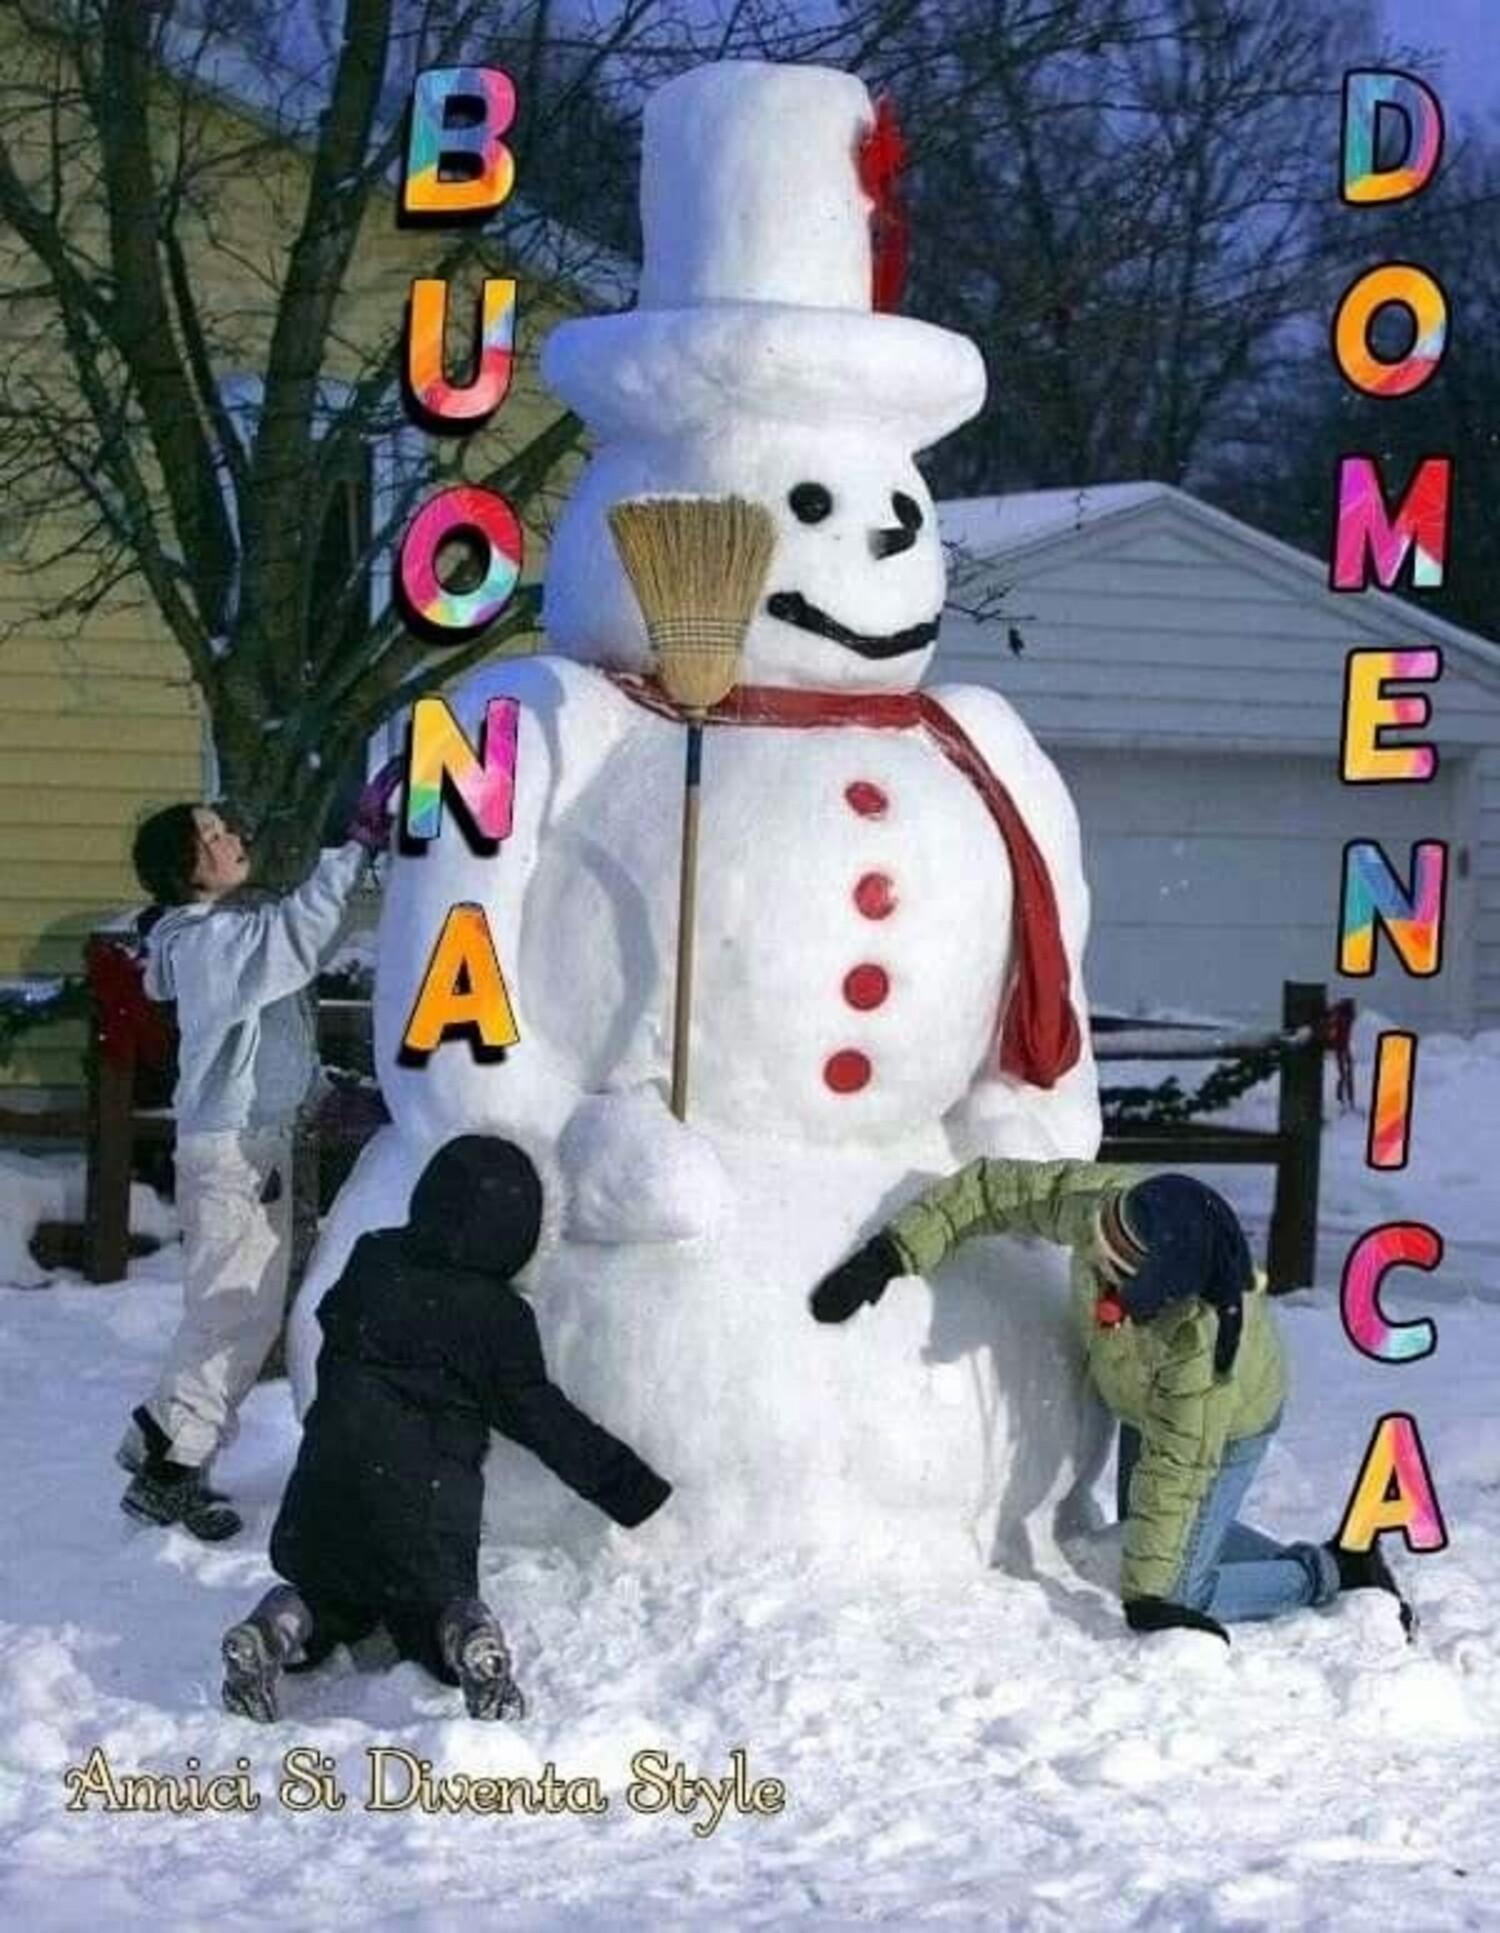 Buona Domenica immagini invernali